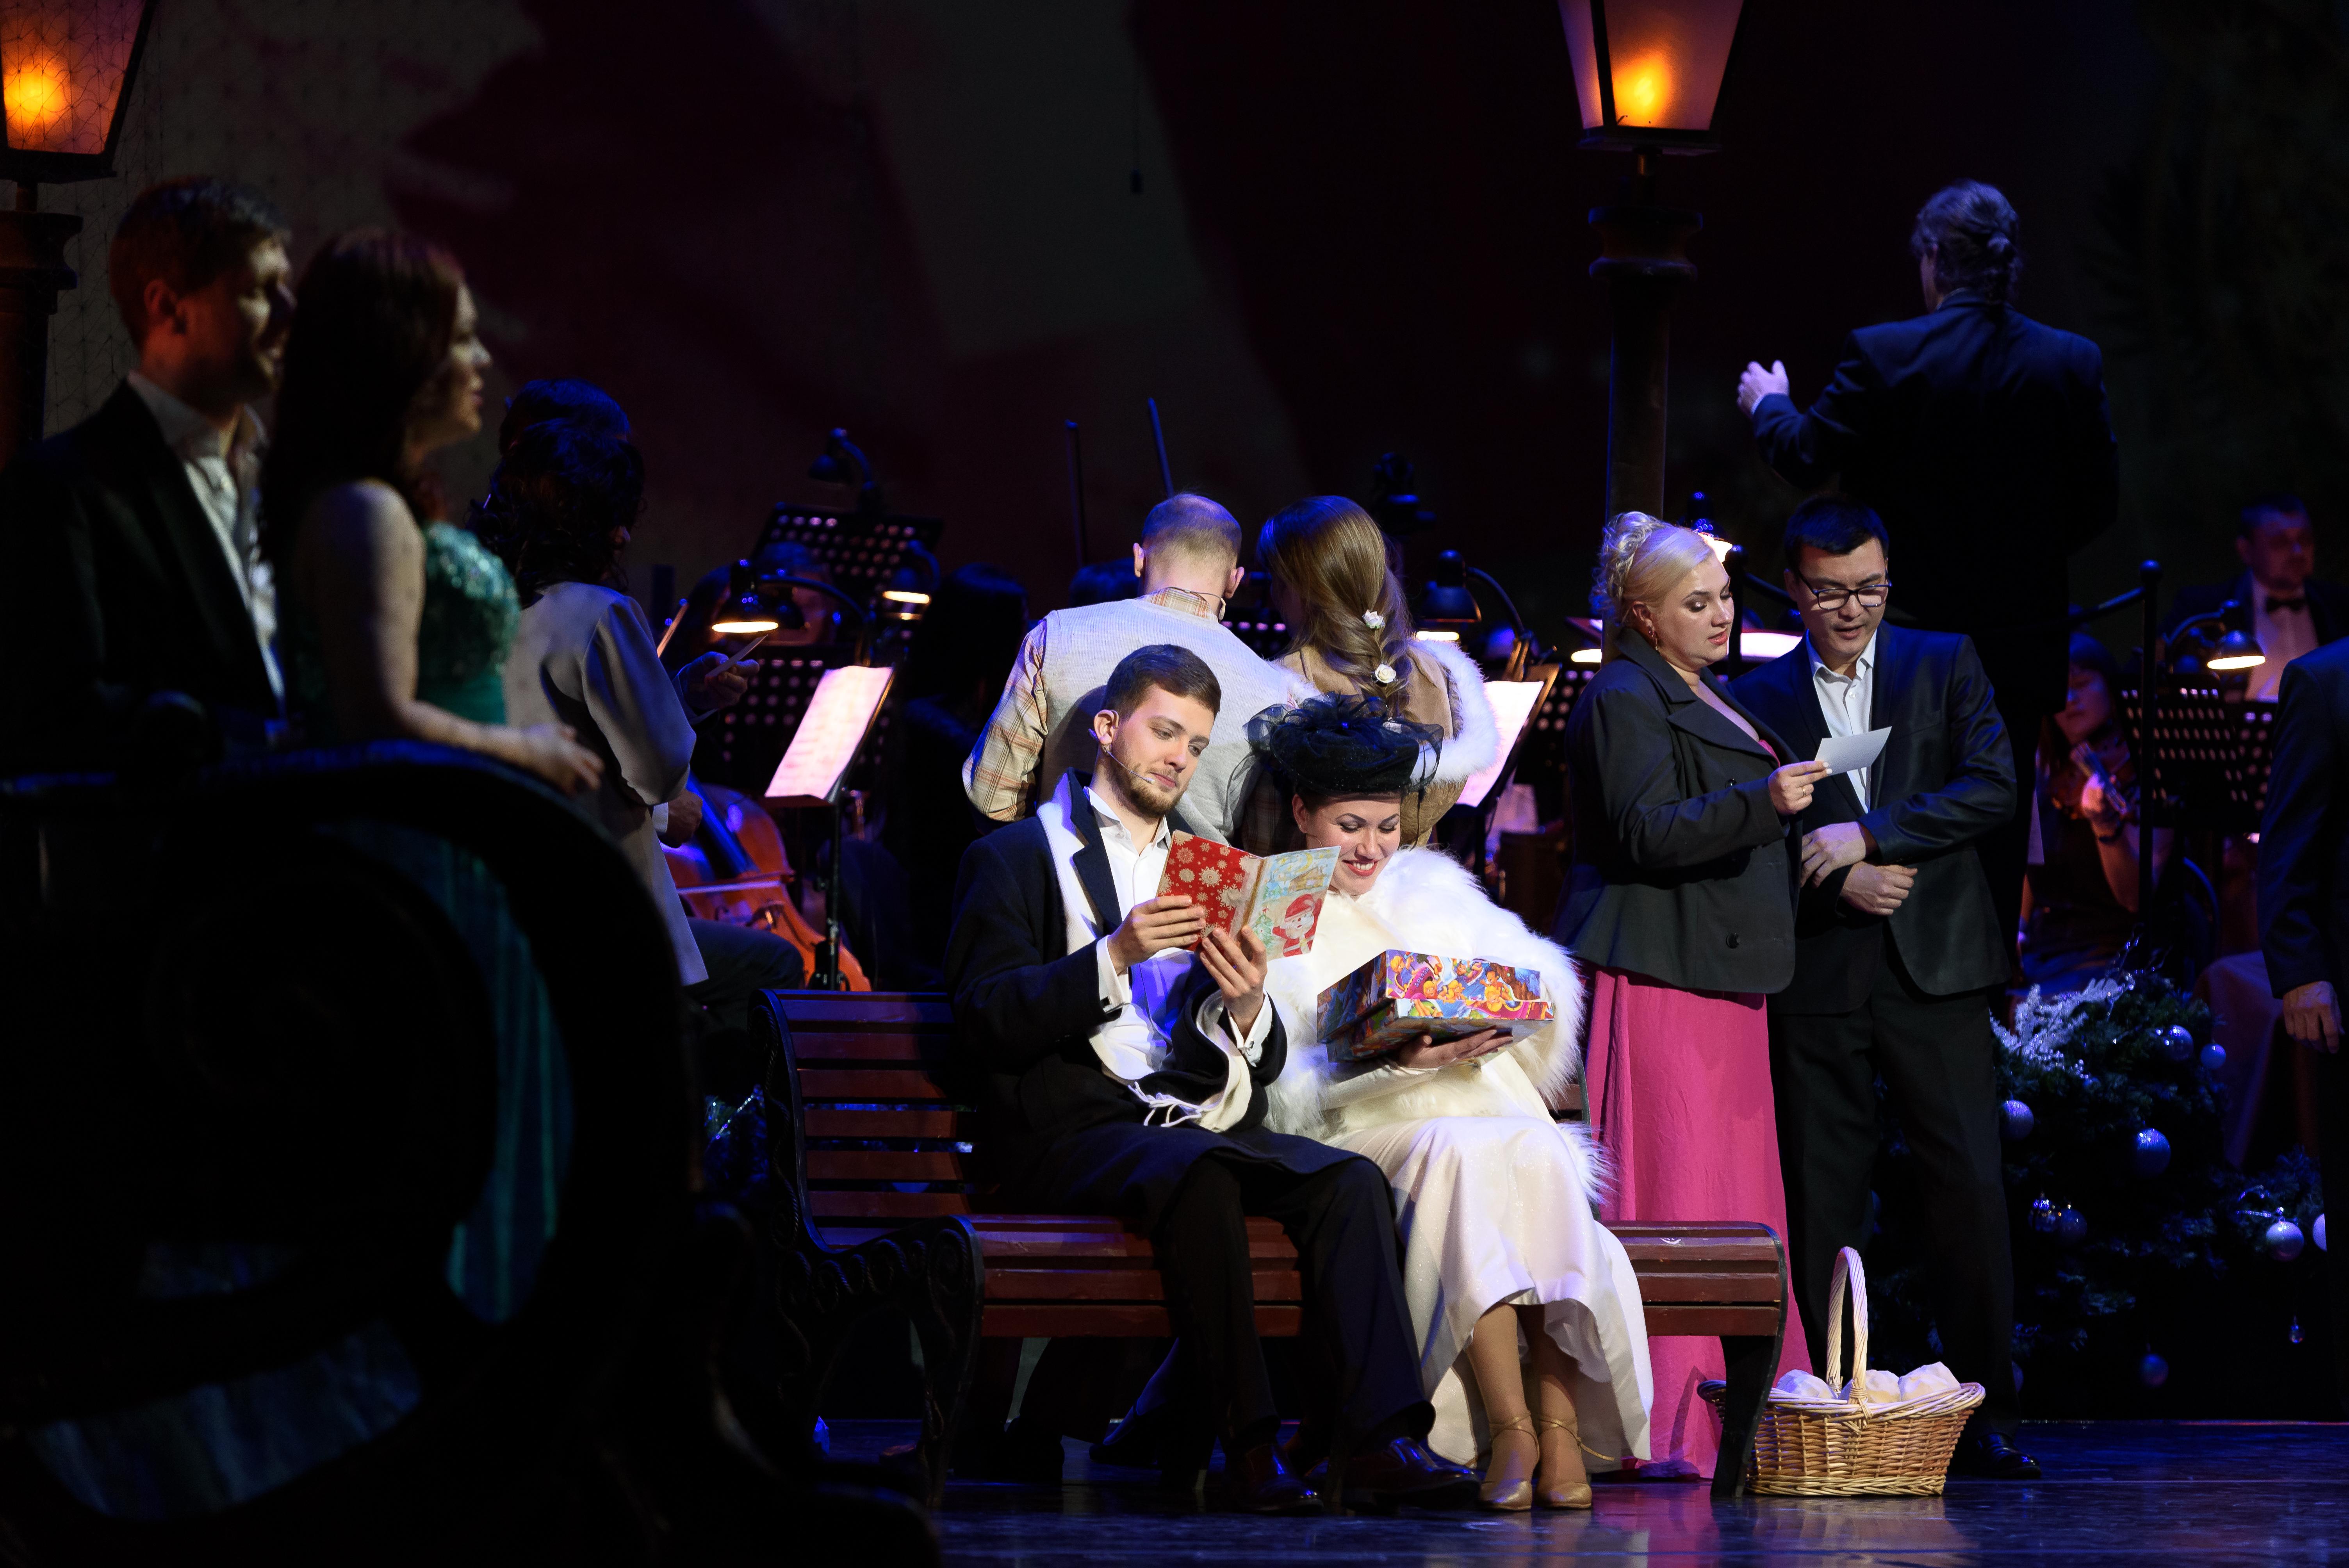 Каникулы для артистов: Астраханский театр оперы и балета временно не работает